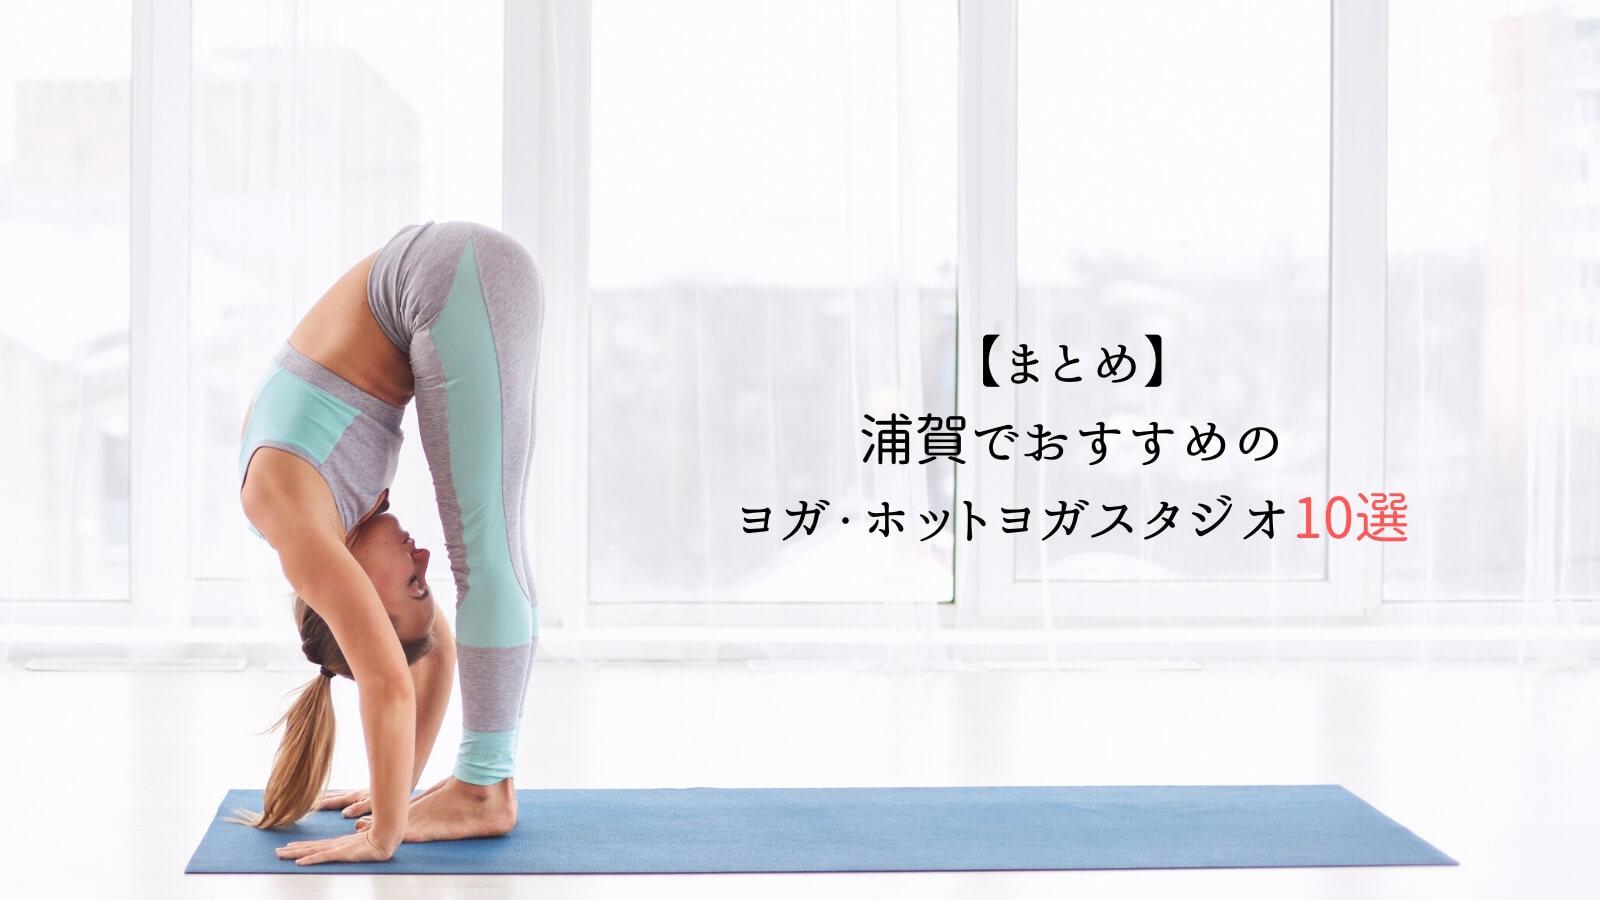 【まとめ】浦賀でおすすめのヨガ・ホットヨガスタジオ10選